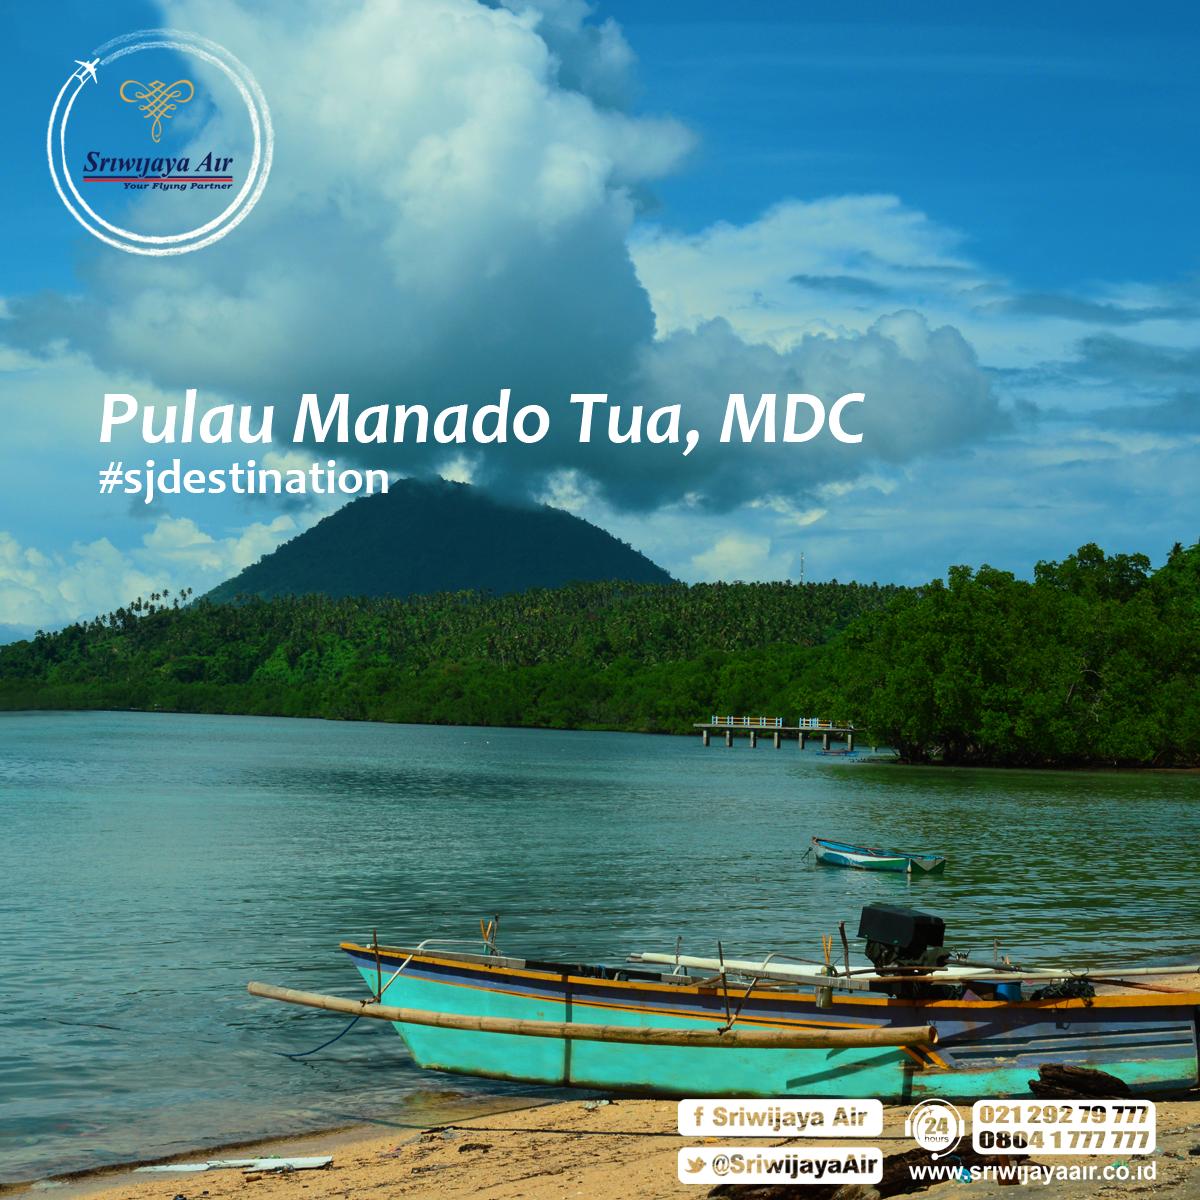 Foto Pulau Manado Tua Lokasi Manado Cara Untuk Sampai Di Lokasi Sriwijaya Air Siap Mengantar Anda Ke Manado Dari Kot Kota Manado Kapal Kapal Motor